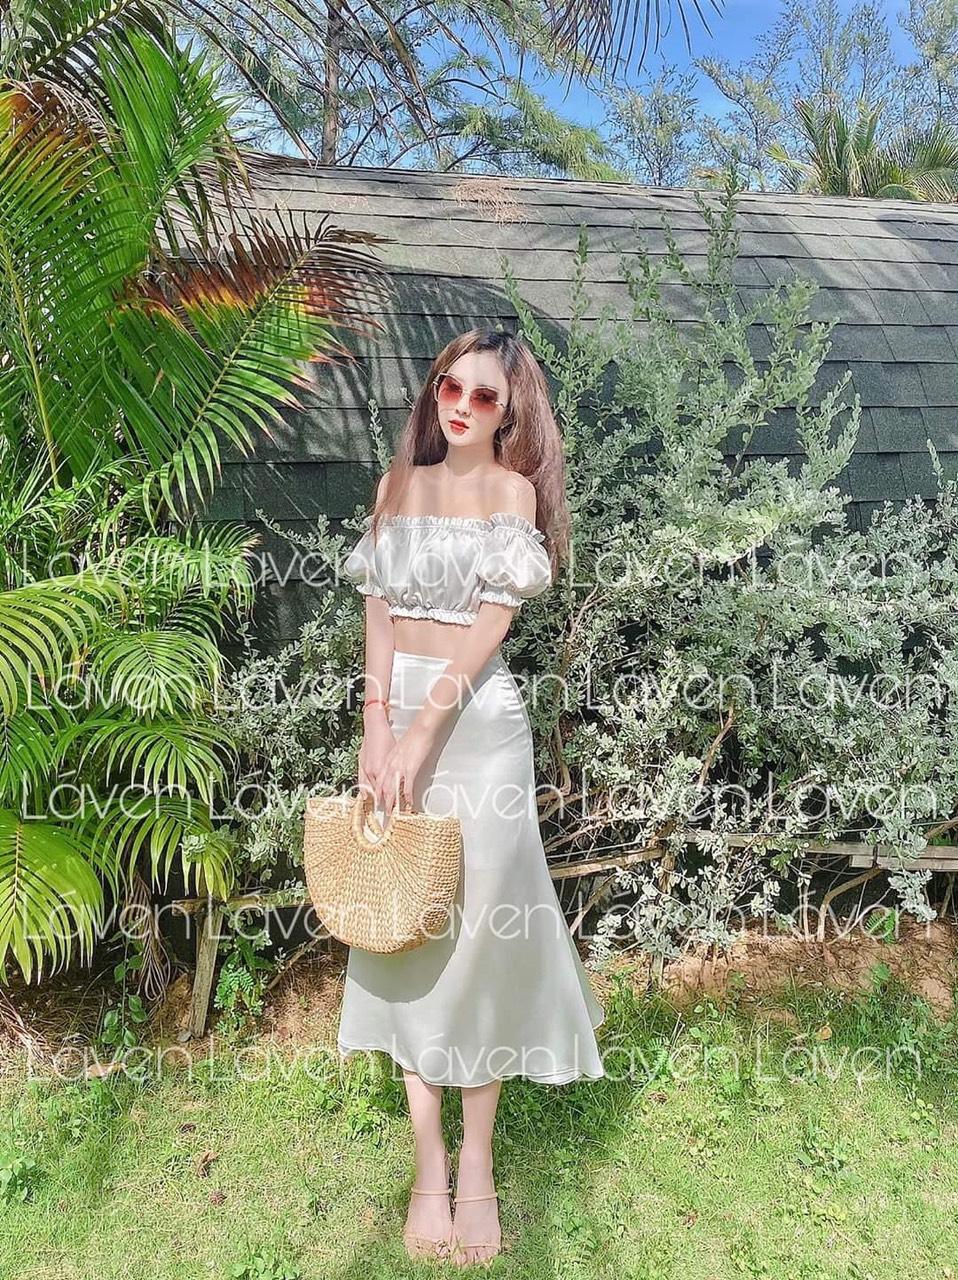 Sét Áo Kiểu Và Chân Váy Siêu Đáng Yêu, Sành Điệu Phá Cách ZOON Giá Siêu Rẻ